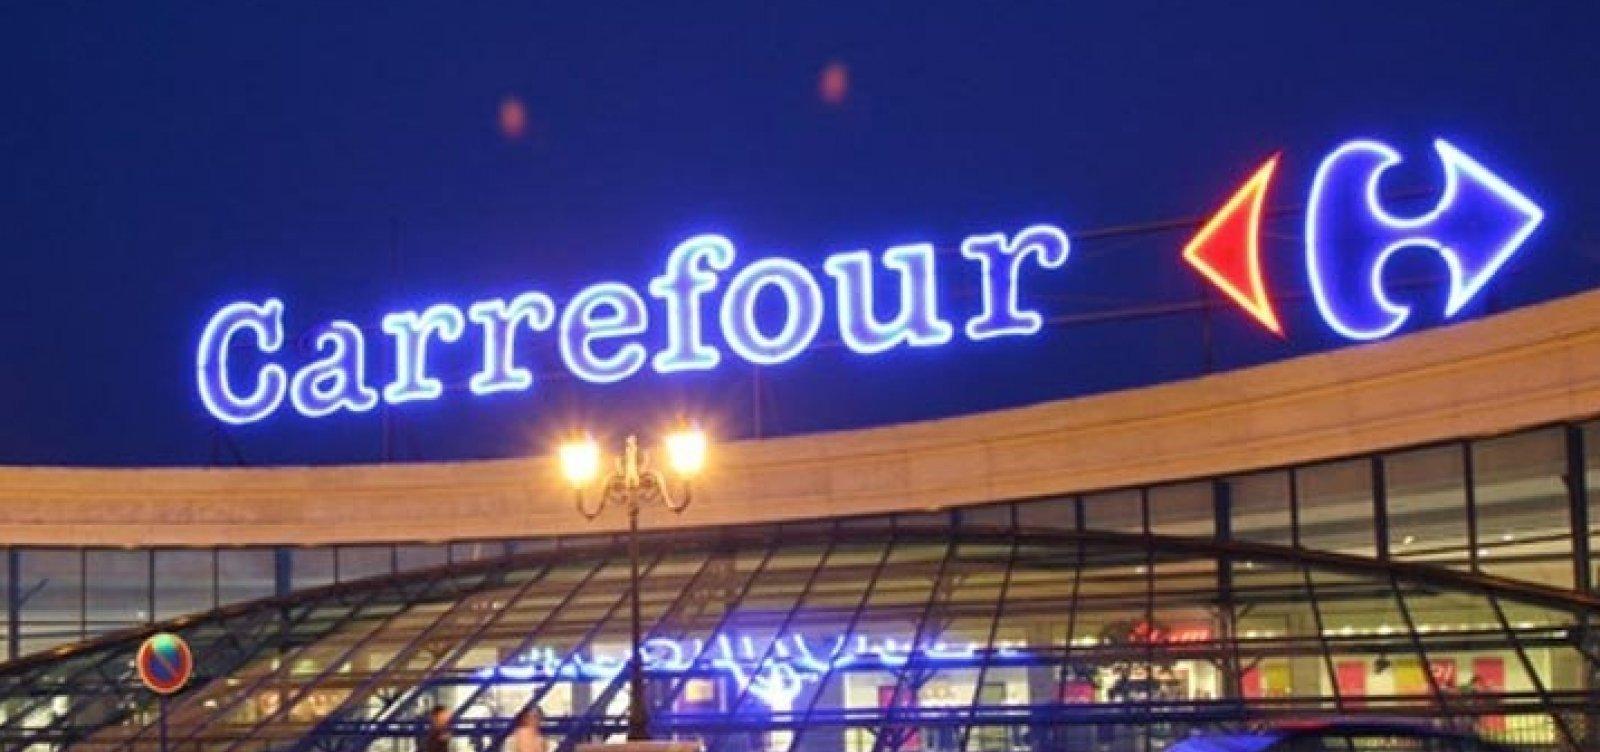 [Caso Carrefour: Justiça do RS aceita pedido para prorrogar investigação sobre assassinato]